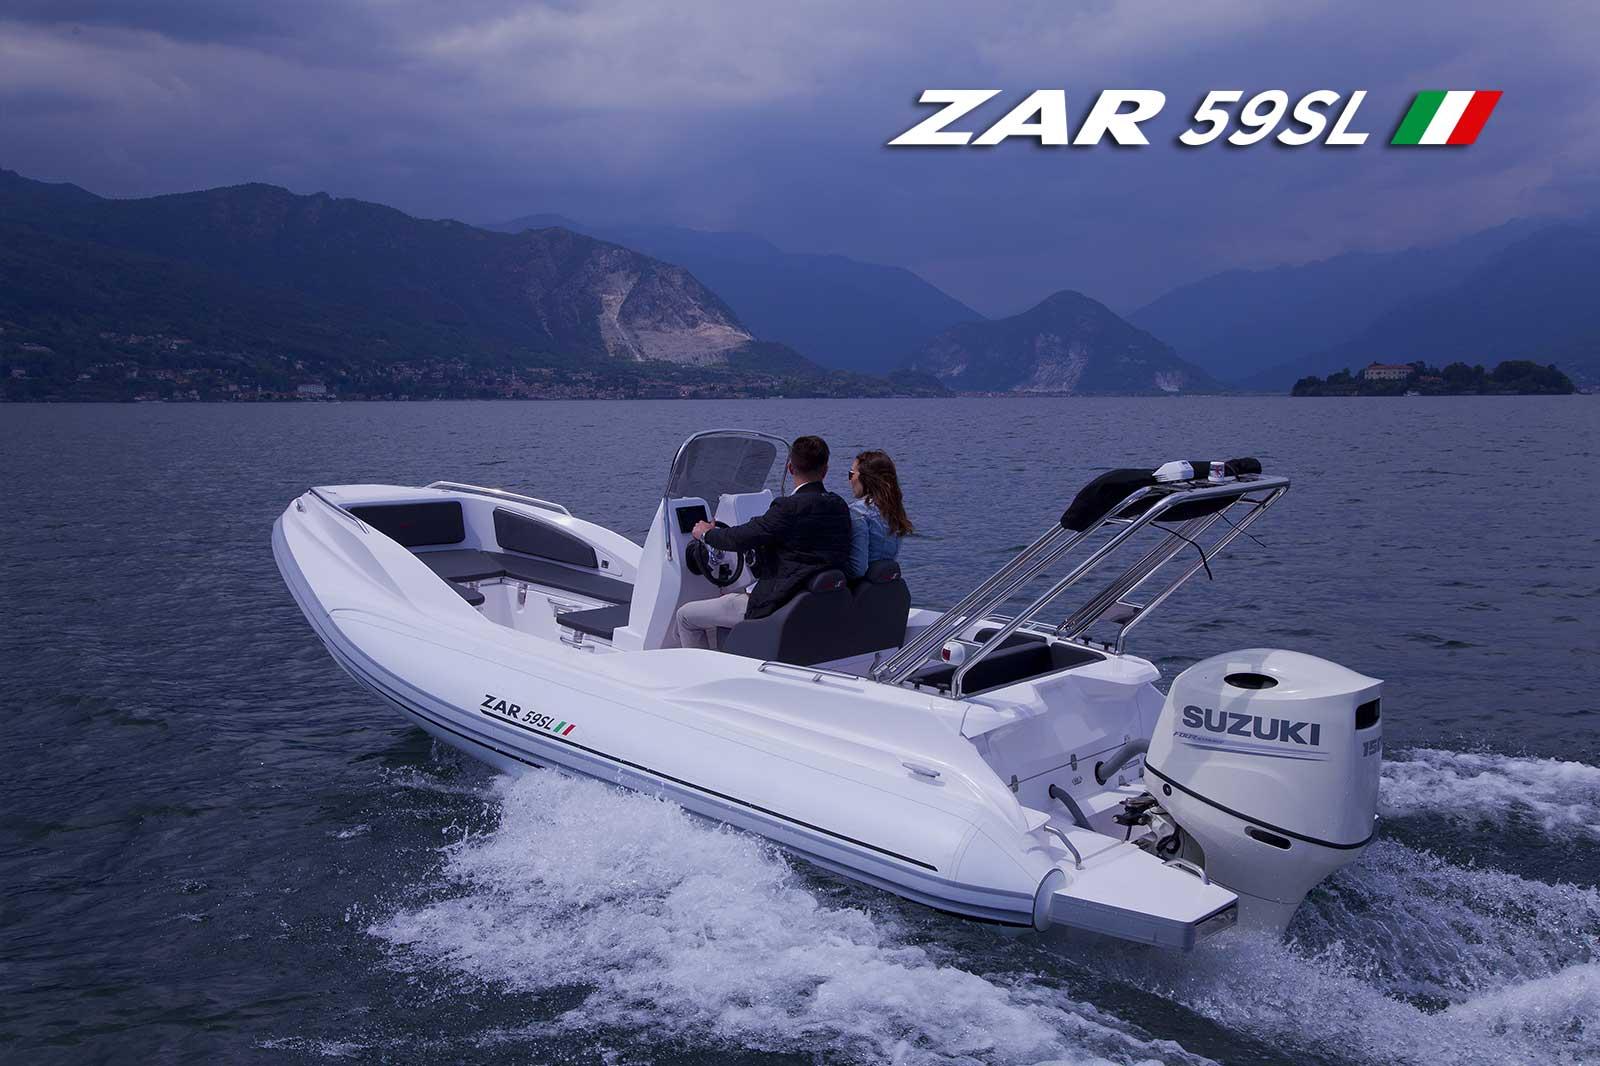 Zar59 8